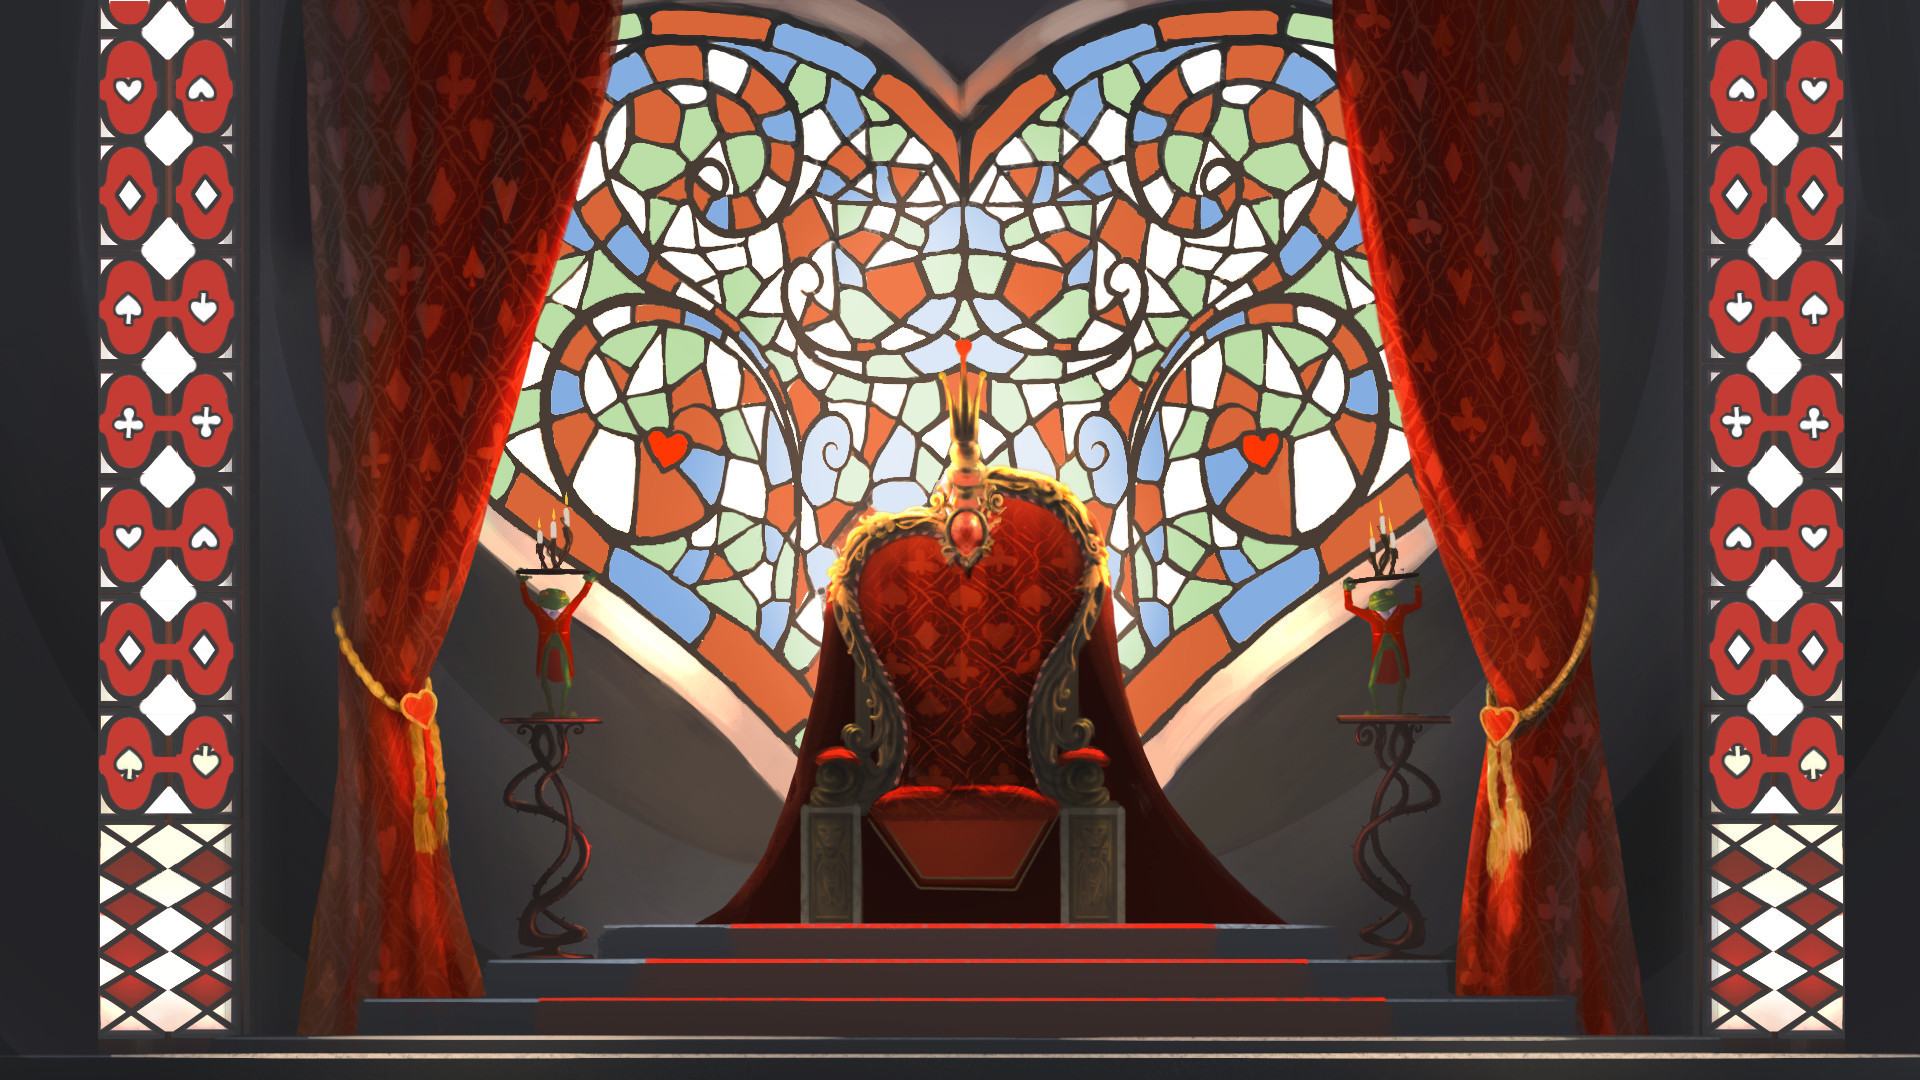 Queen Of Hearts Wallpaper 64 Images